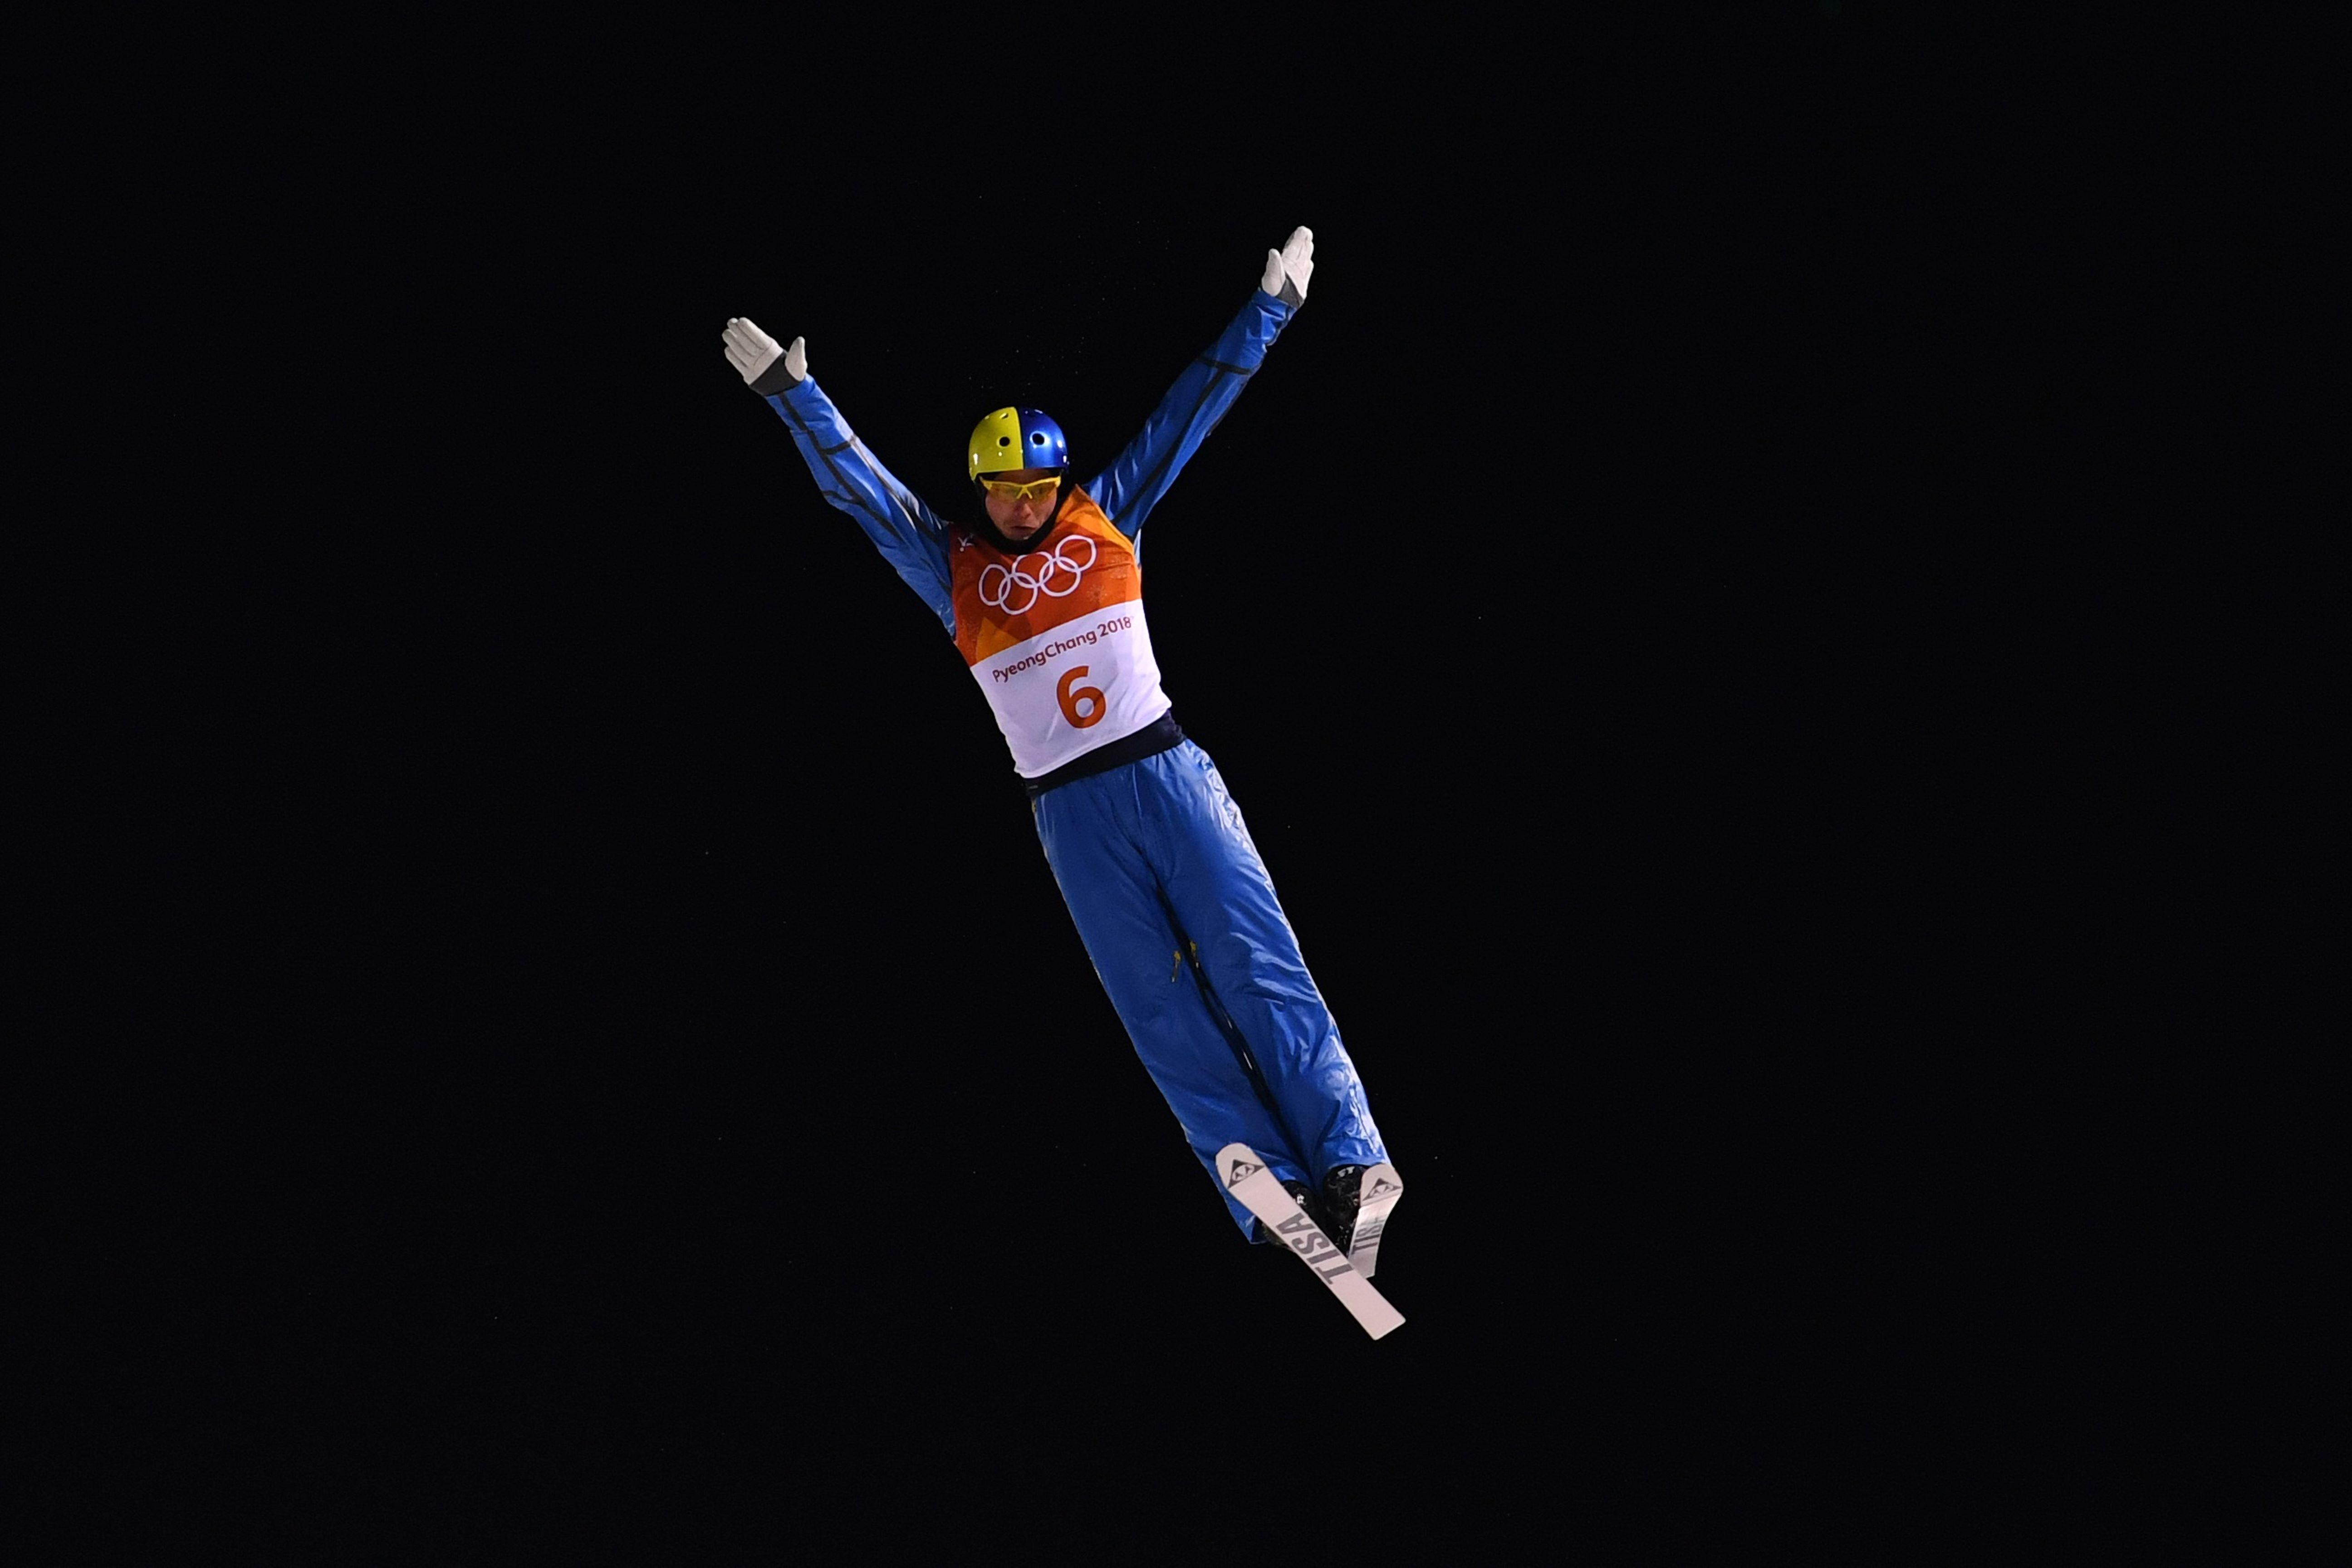 В Сети бурно обсуждают украинское золото на Олимпиаде